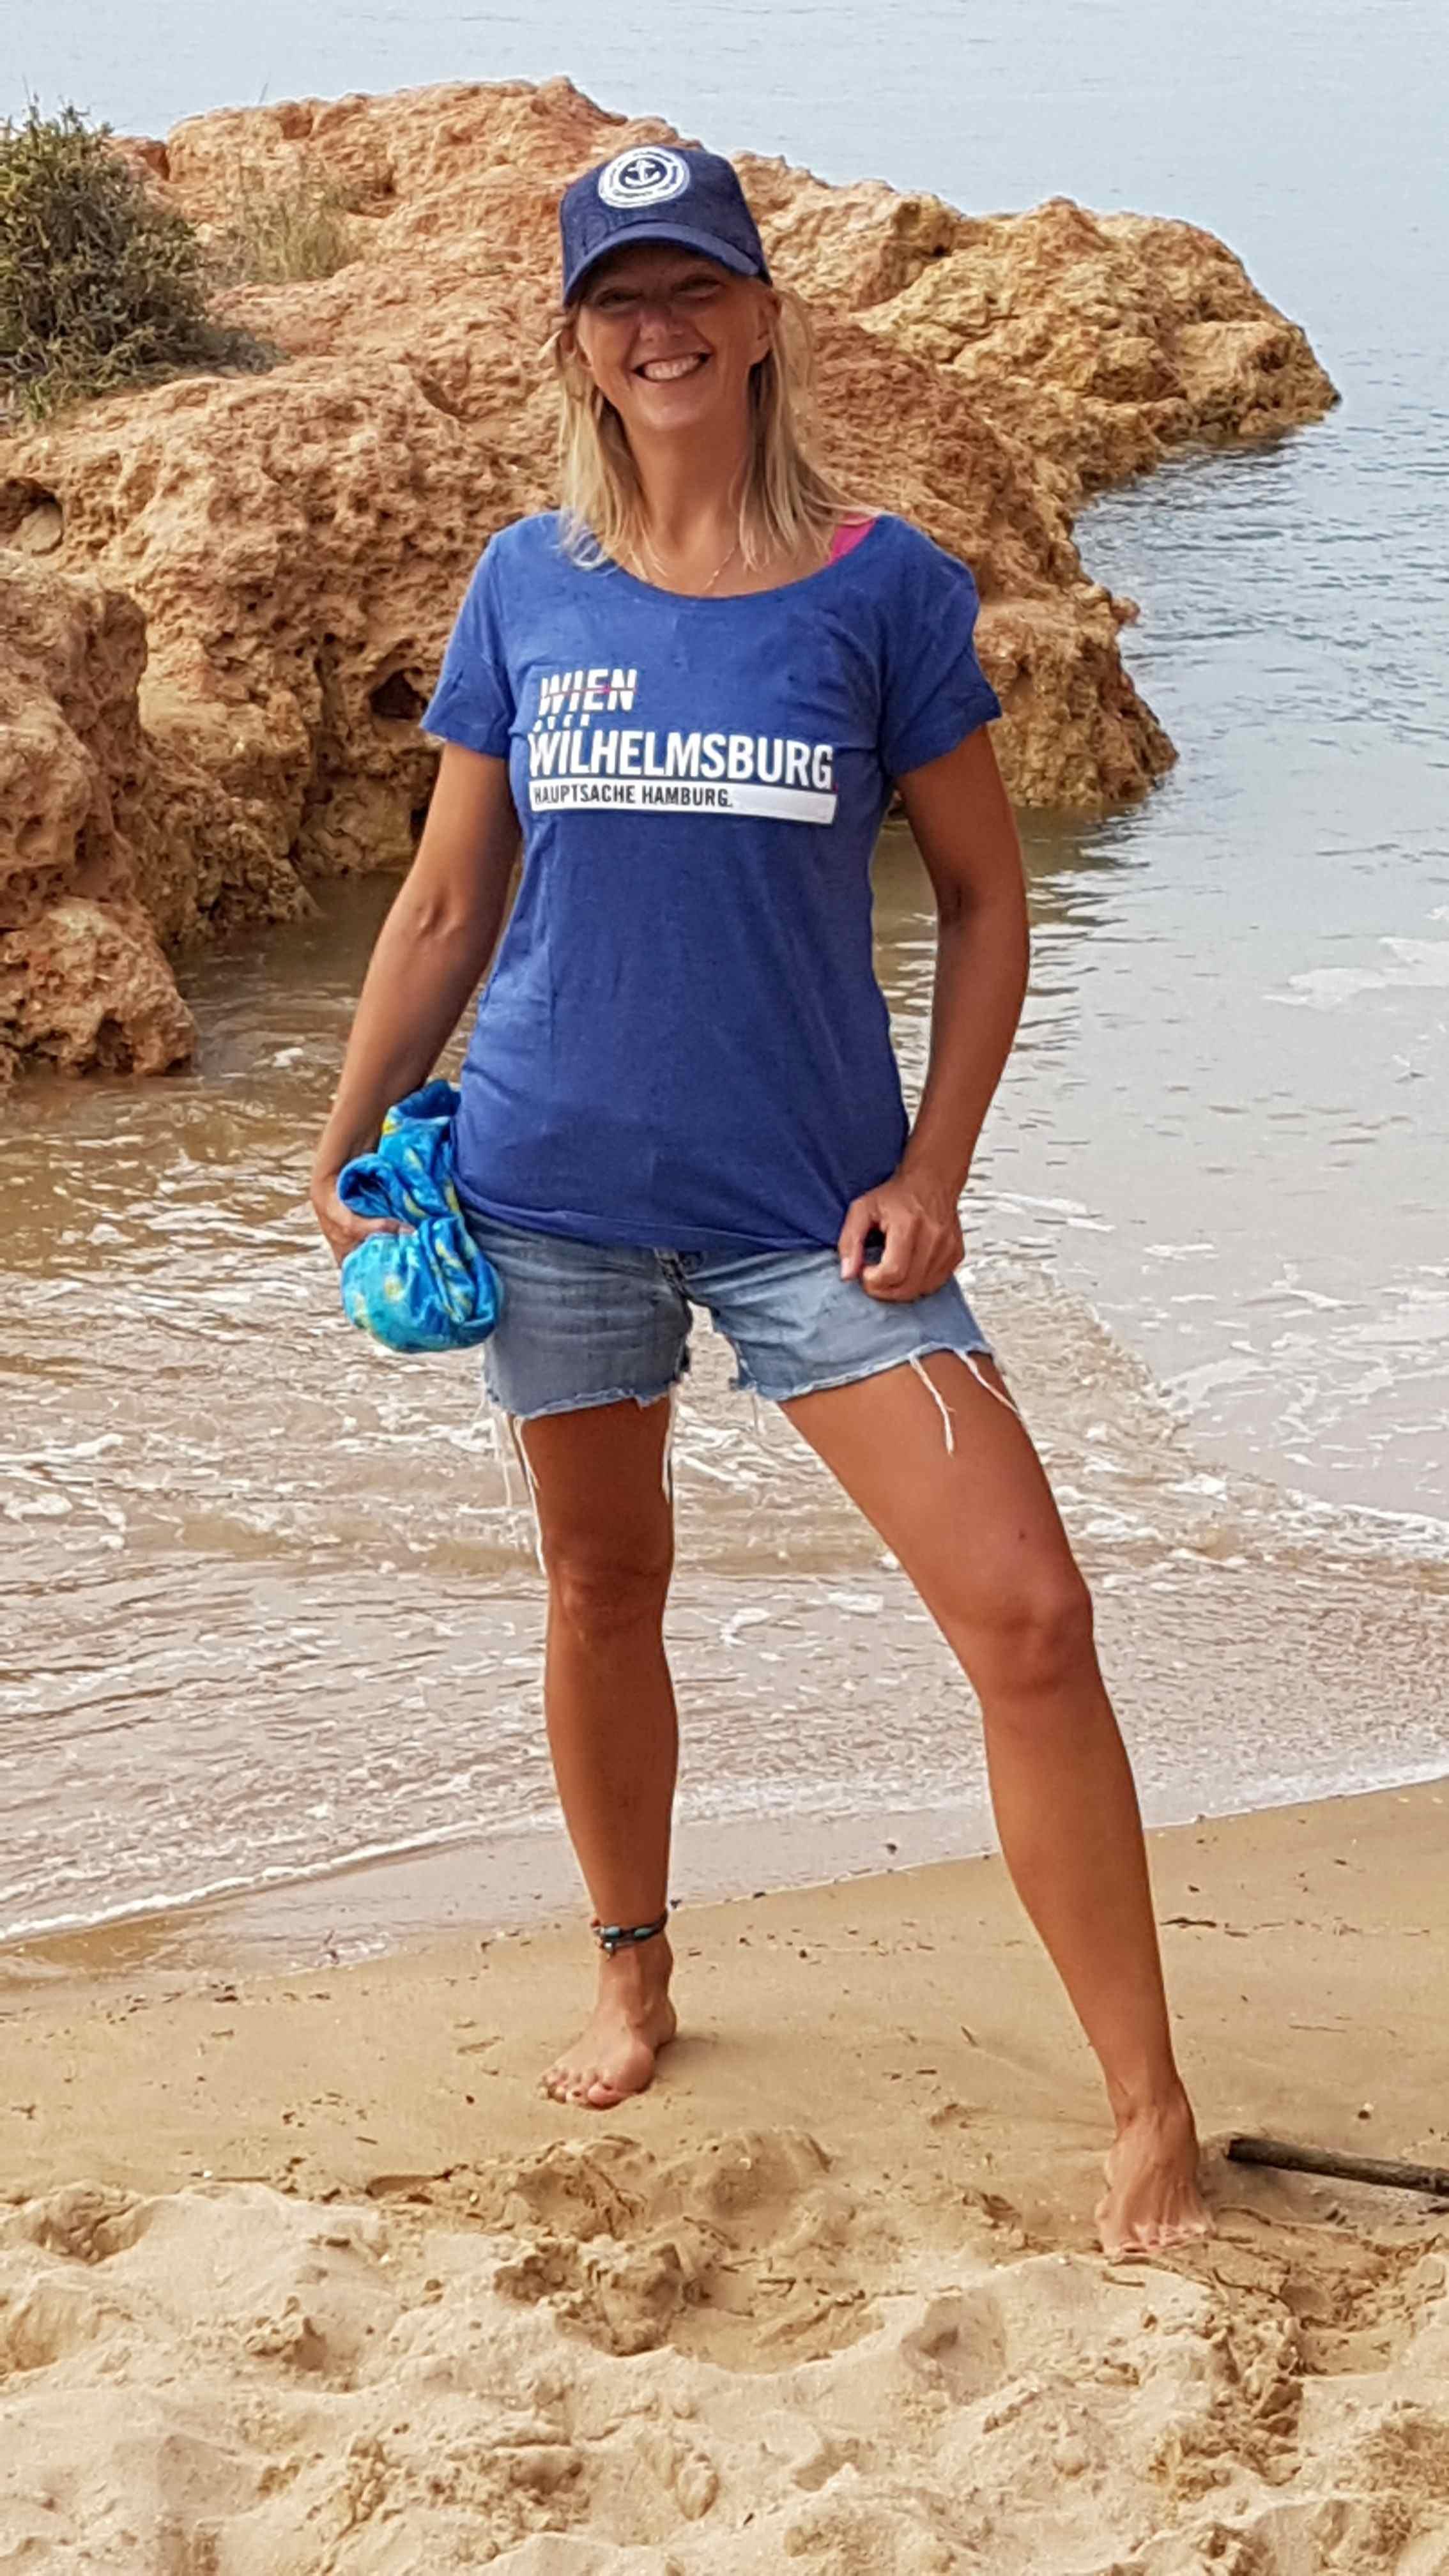 Steffi wird 50: Headache Beach, Leckerbissen und Feuerwerk